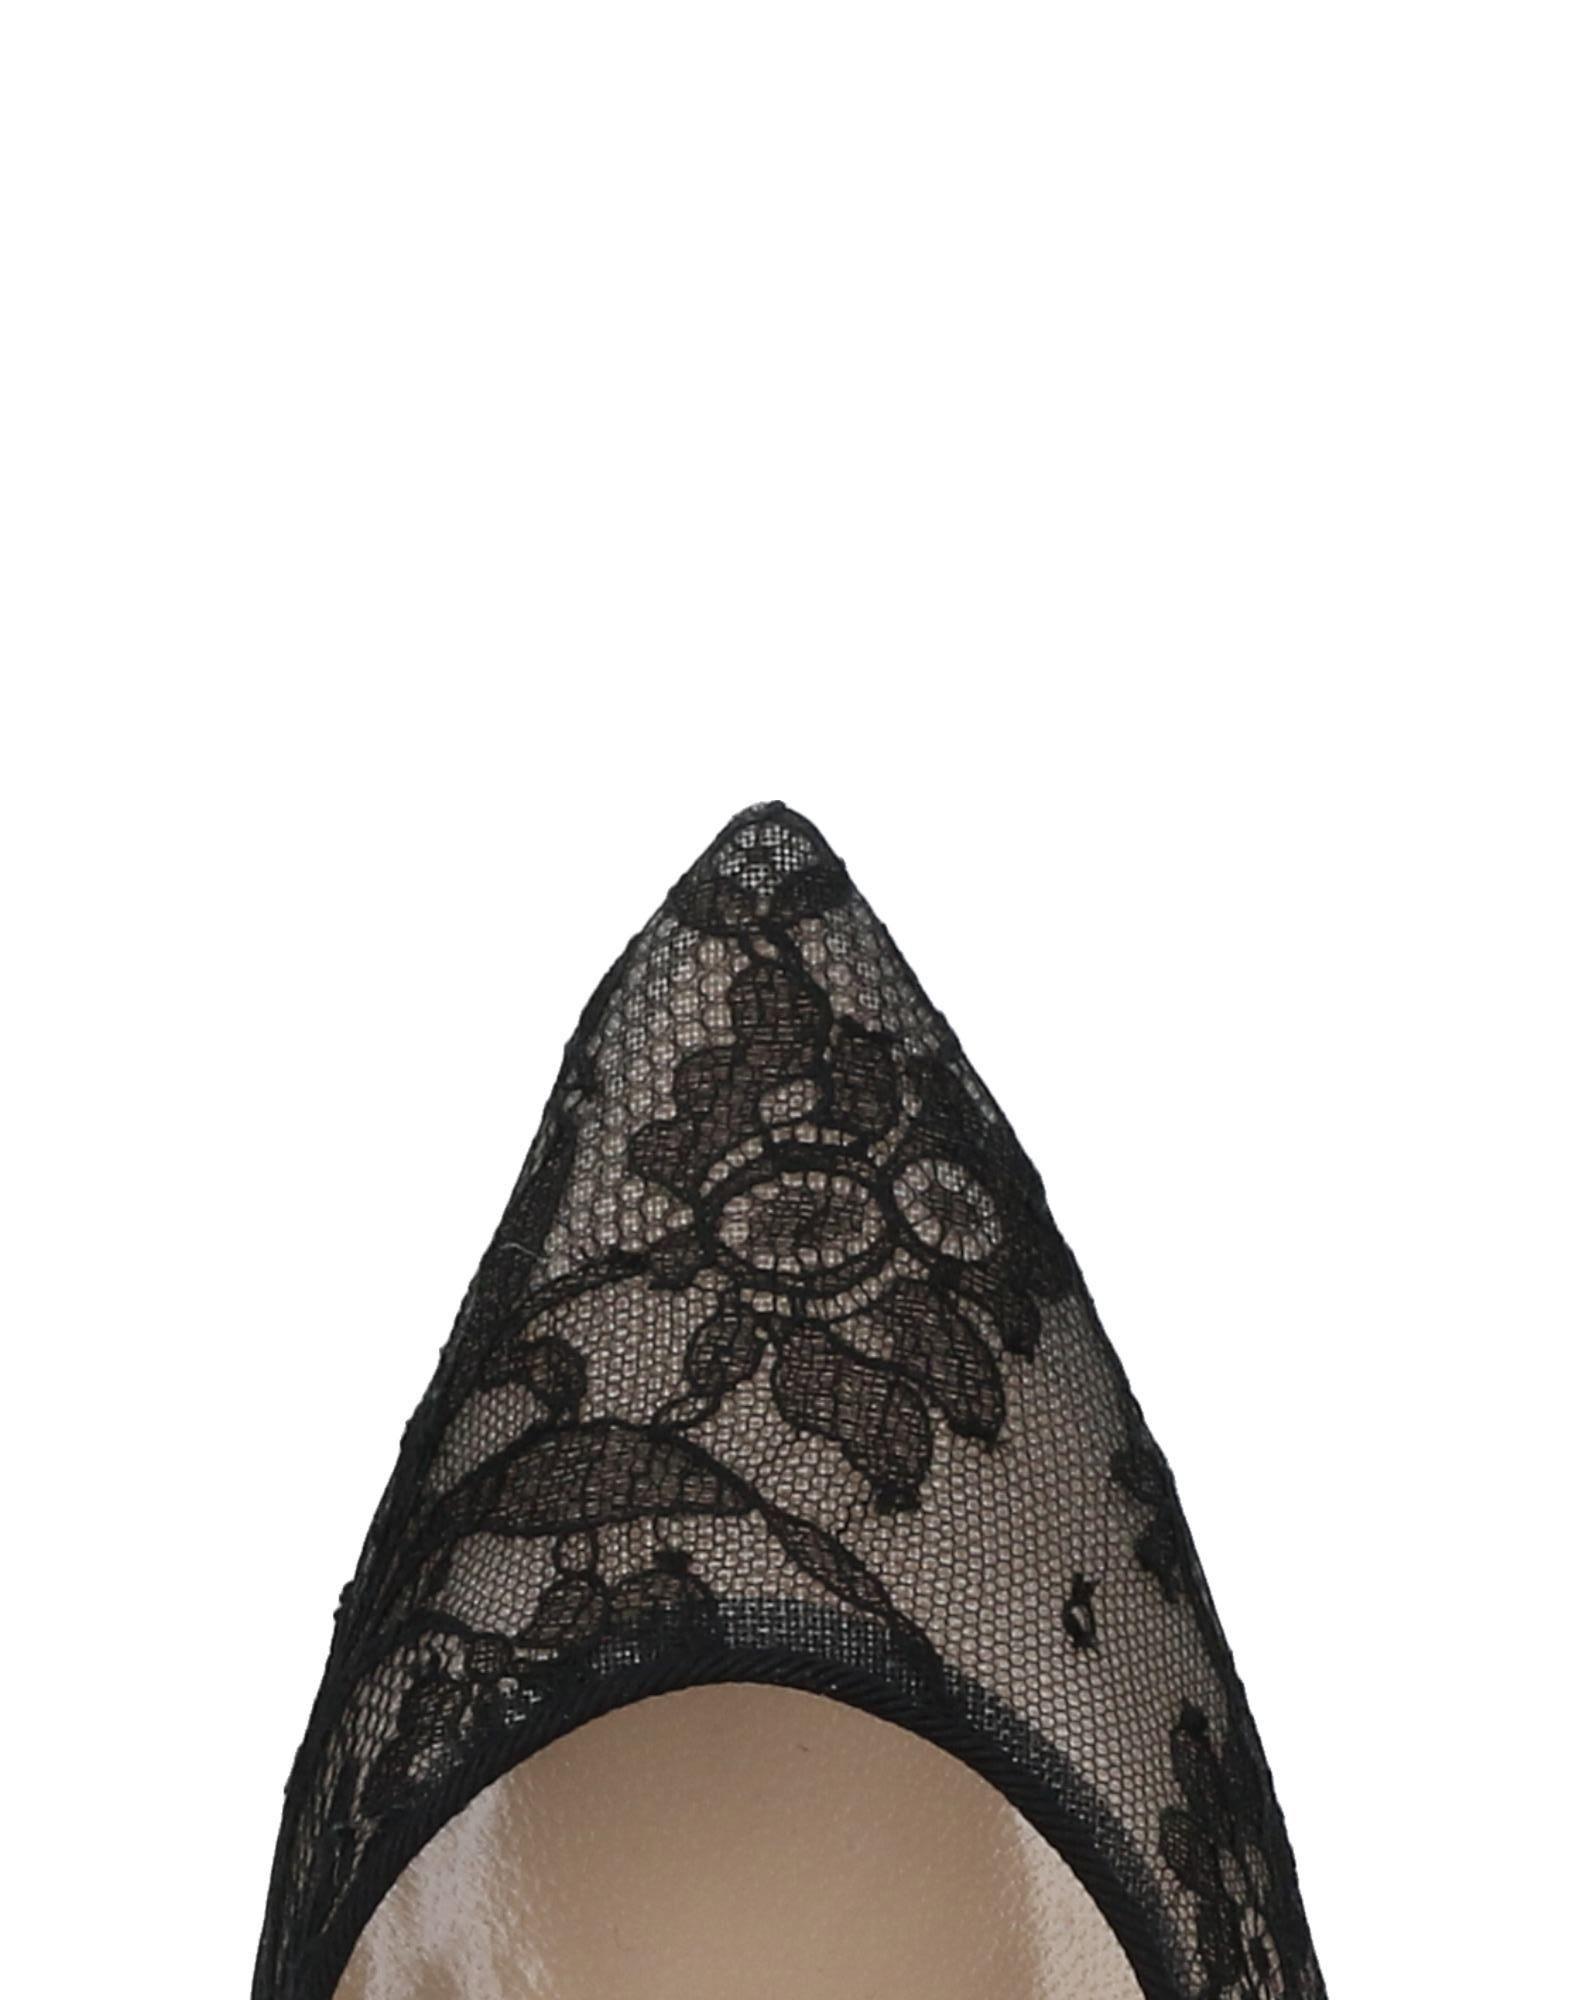 Oscar De La Renta Pumps Damen Schuhe  11475548SP Neue Schuhe Damen 4d995a